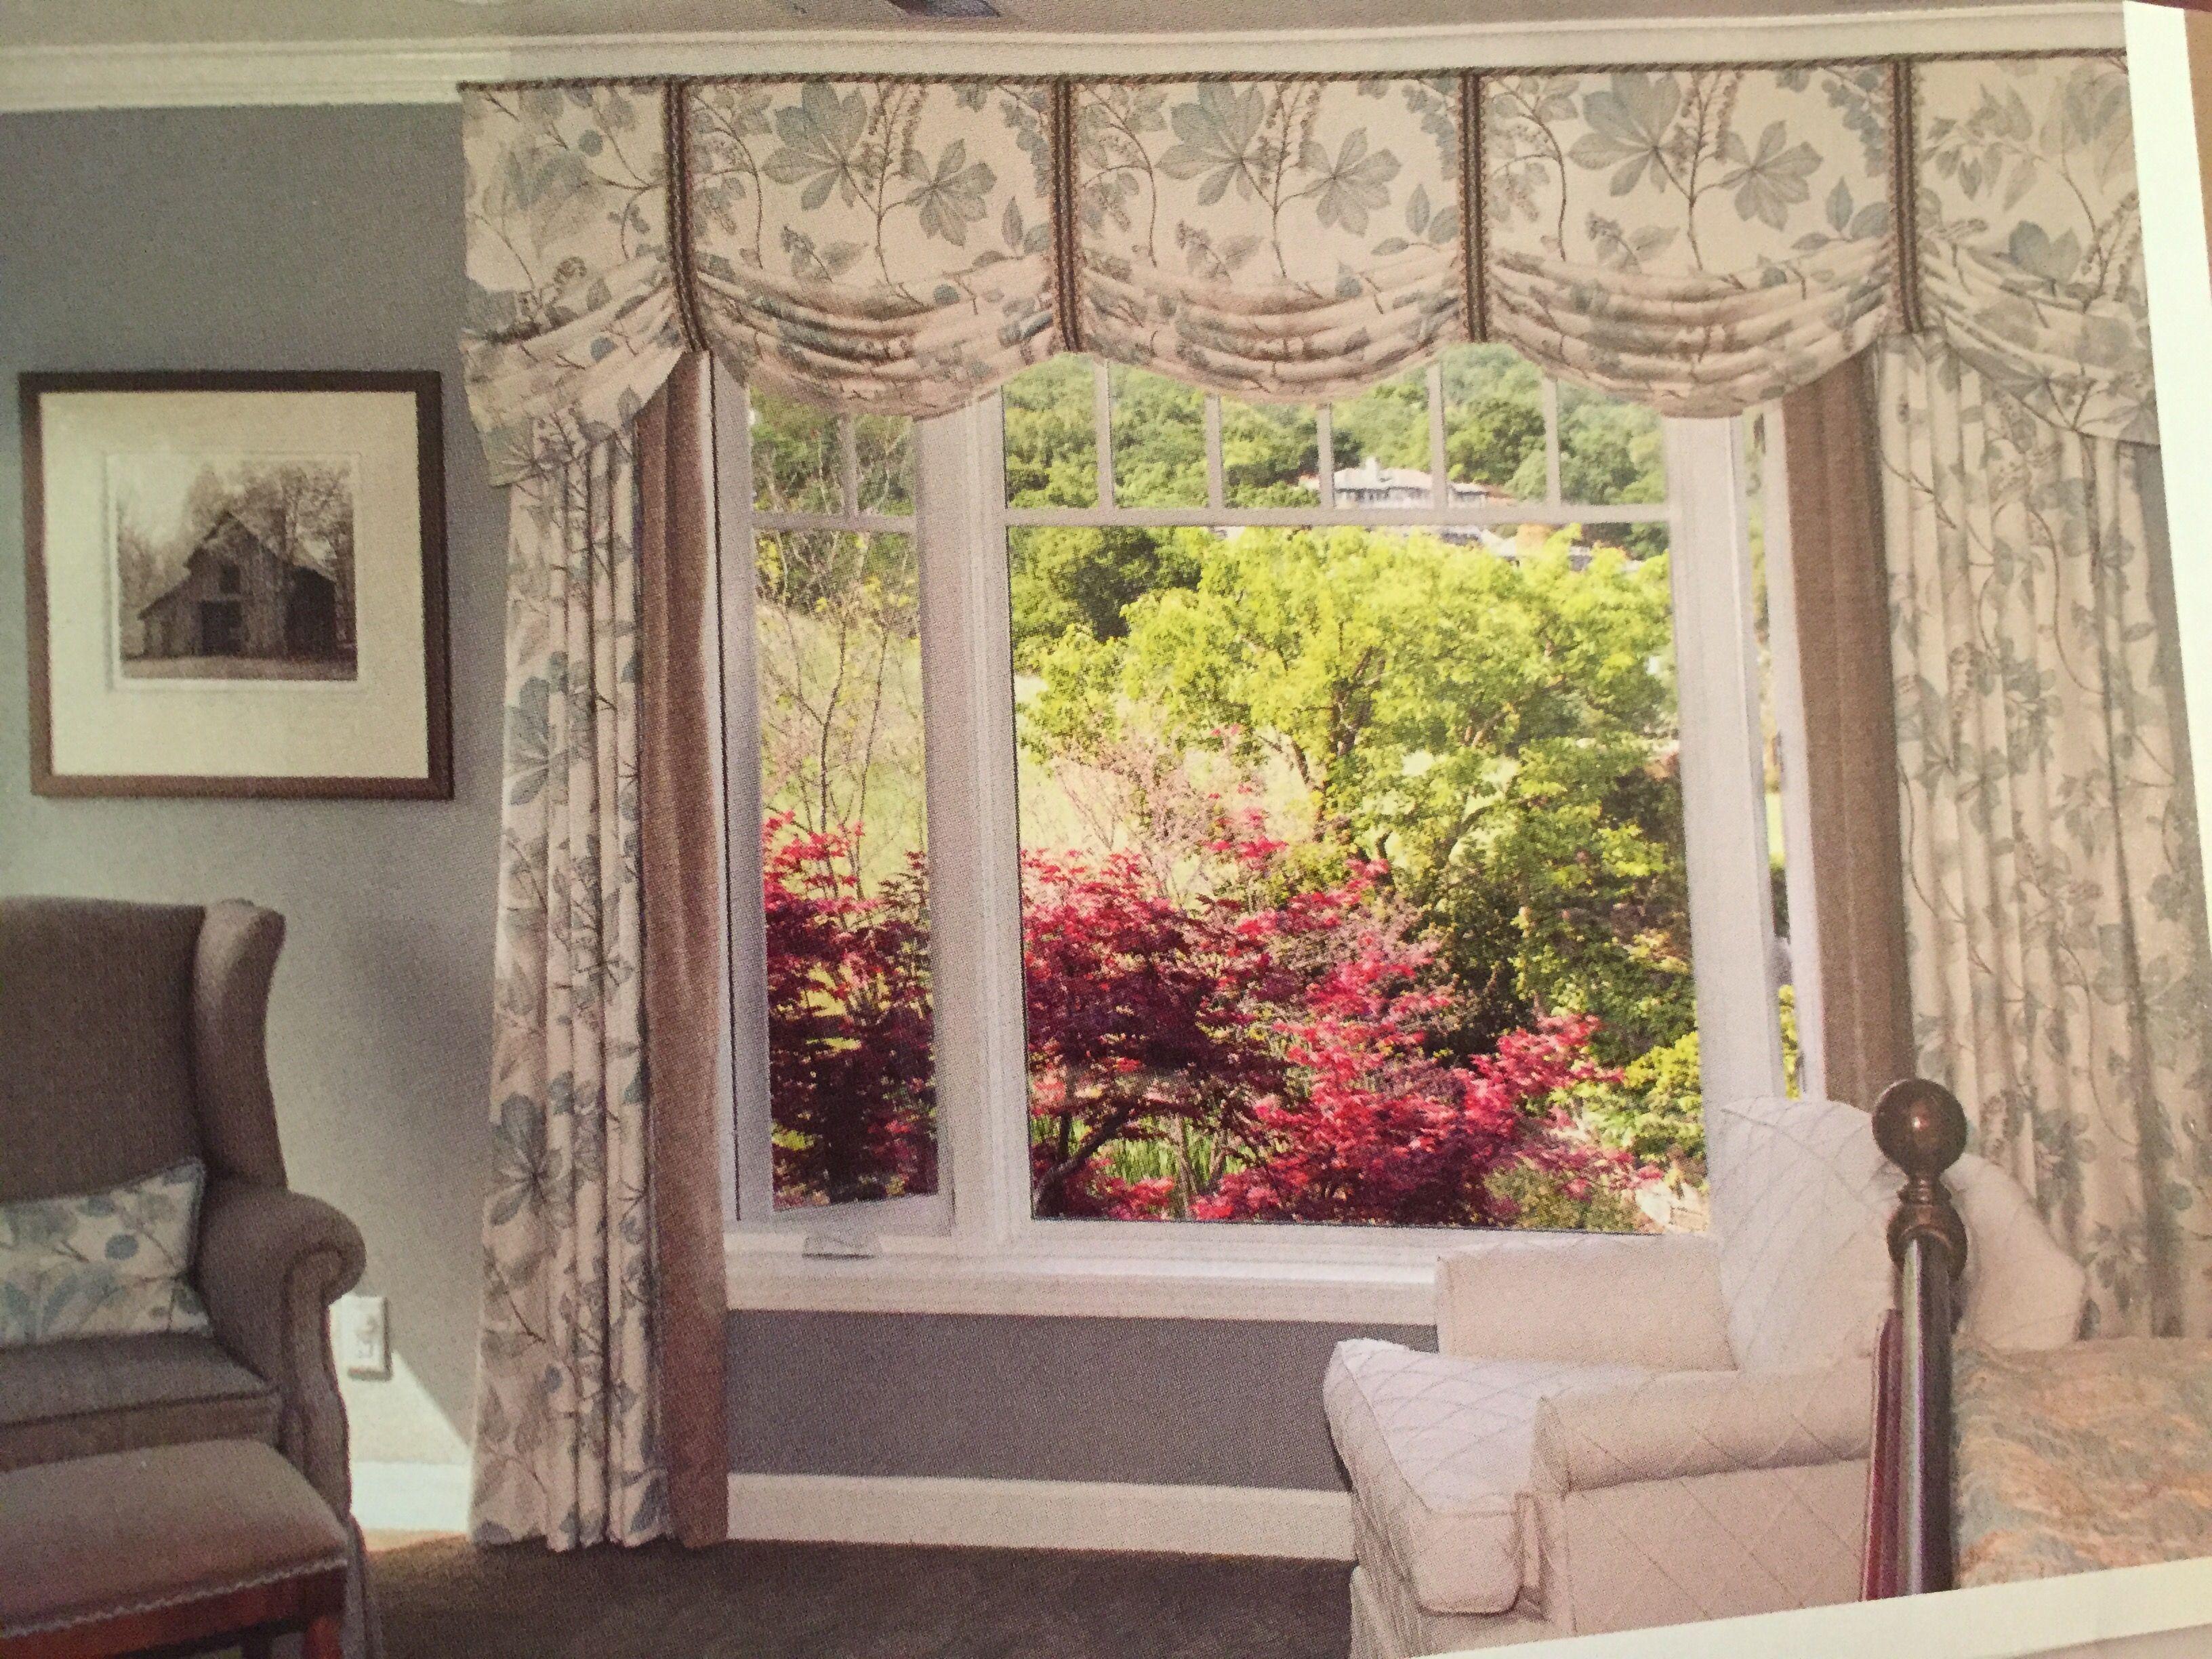 Window coverings ideas  pin by designs by deb llc on window treatment ideas  pinterest  window